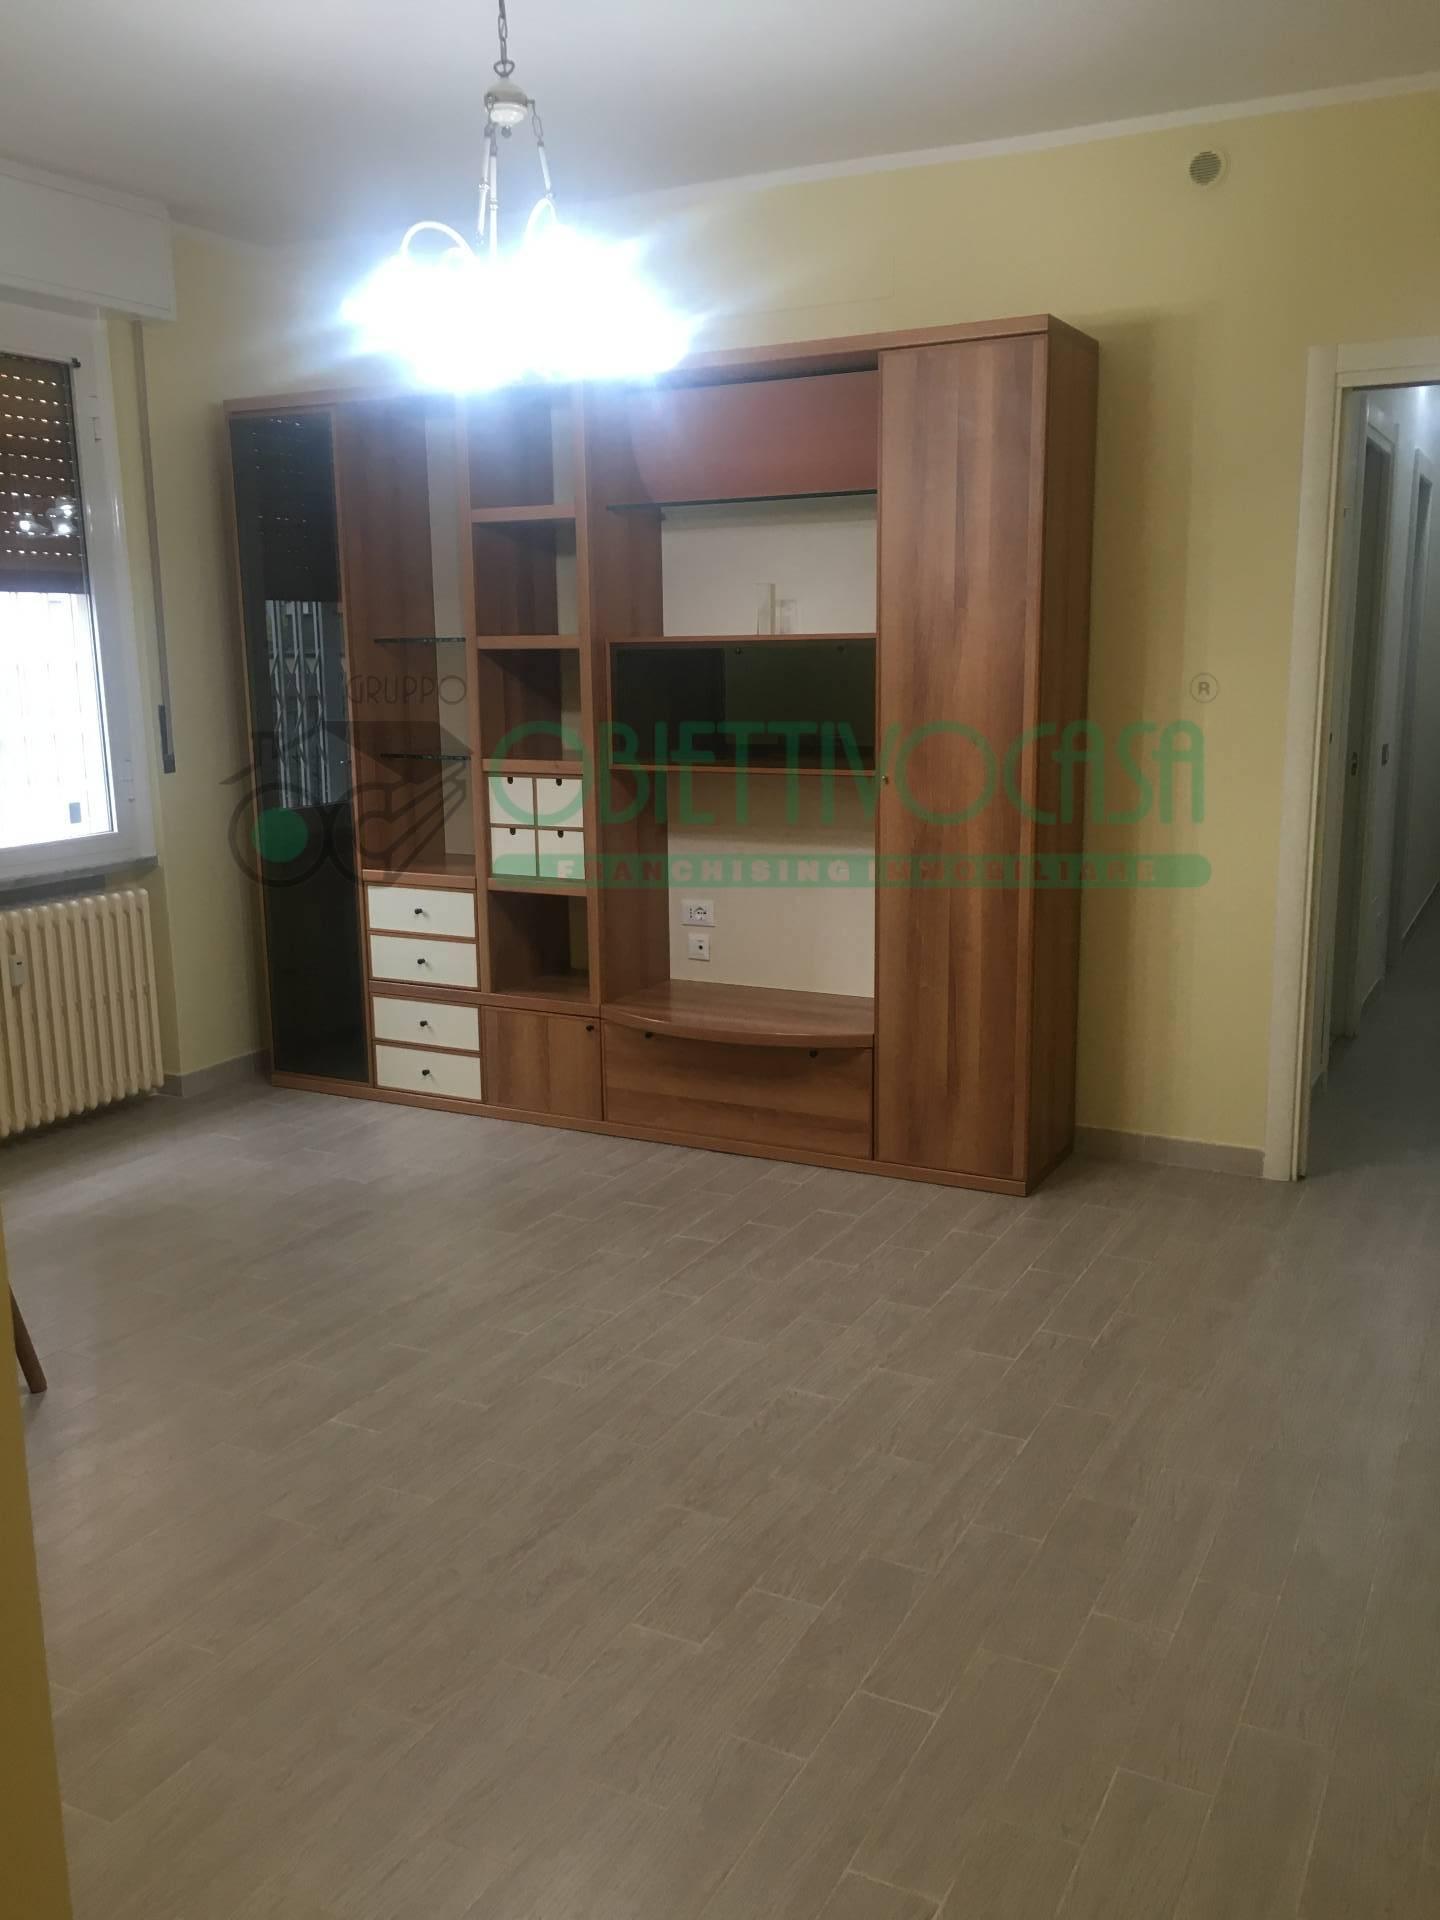 Agenzie Immobiliari Corsico vendita trilocale corsico - 3 via giuseppe verdi 1 € 209000